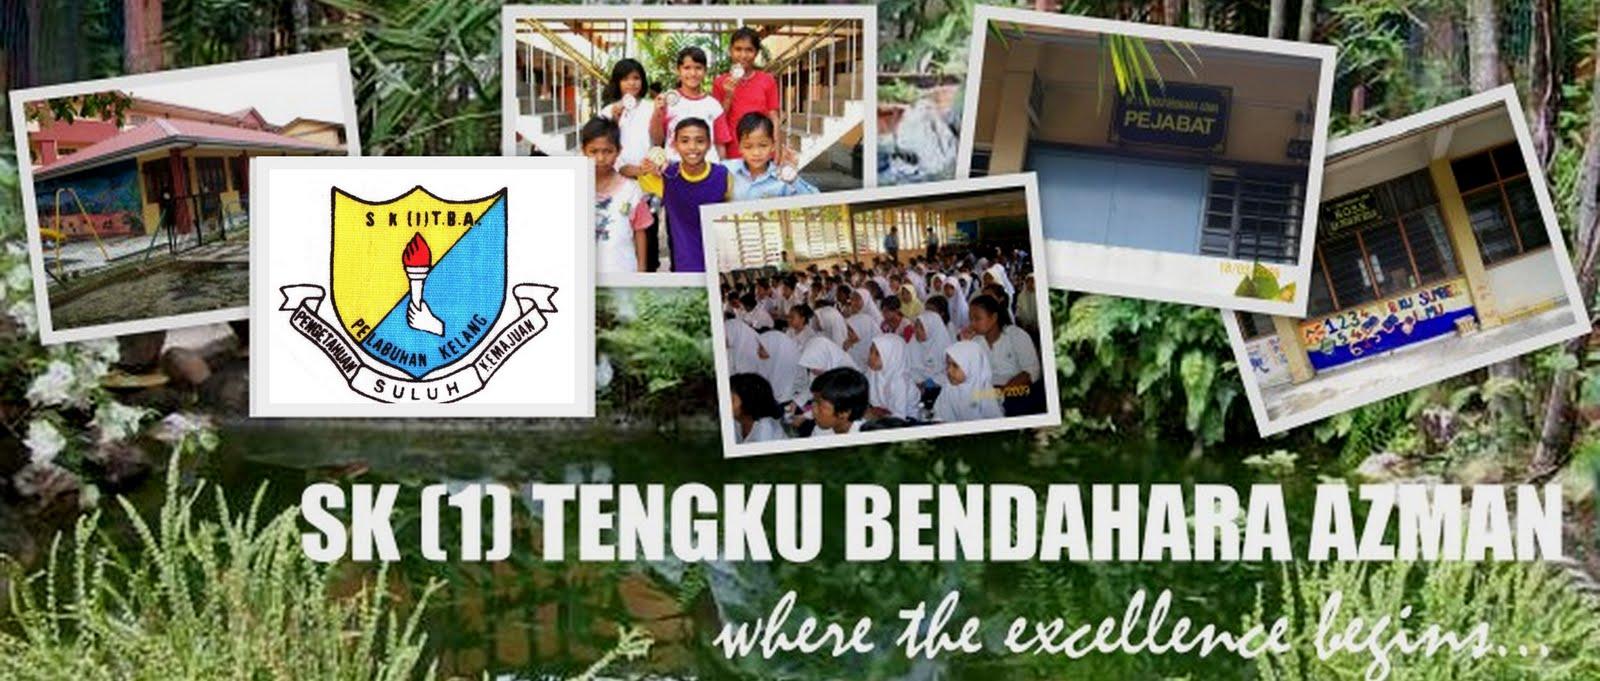 SK (1) Tengku Bendahara Azman